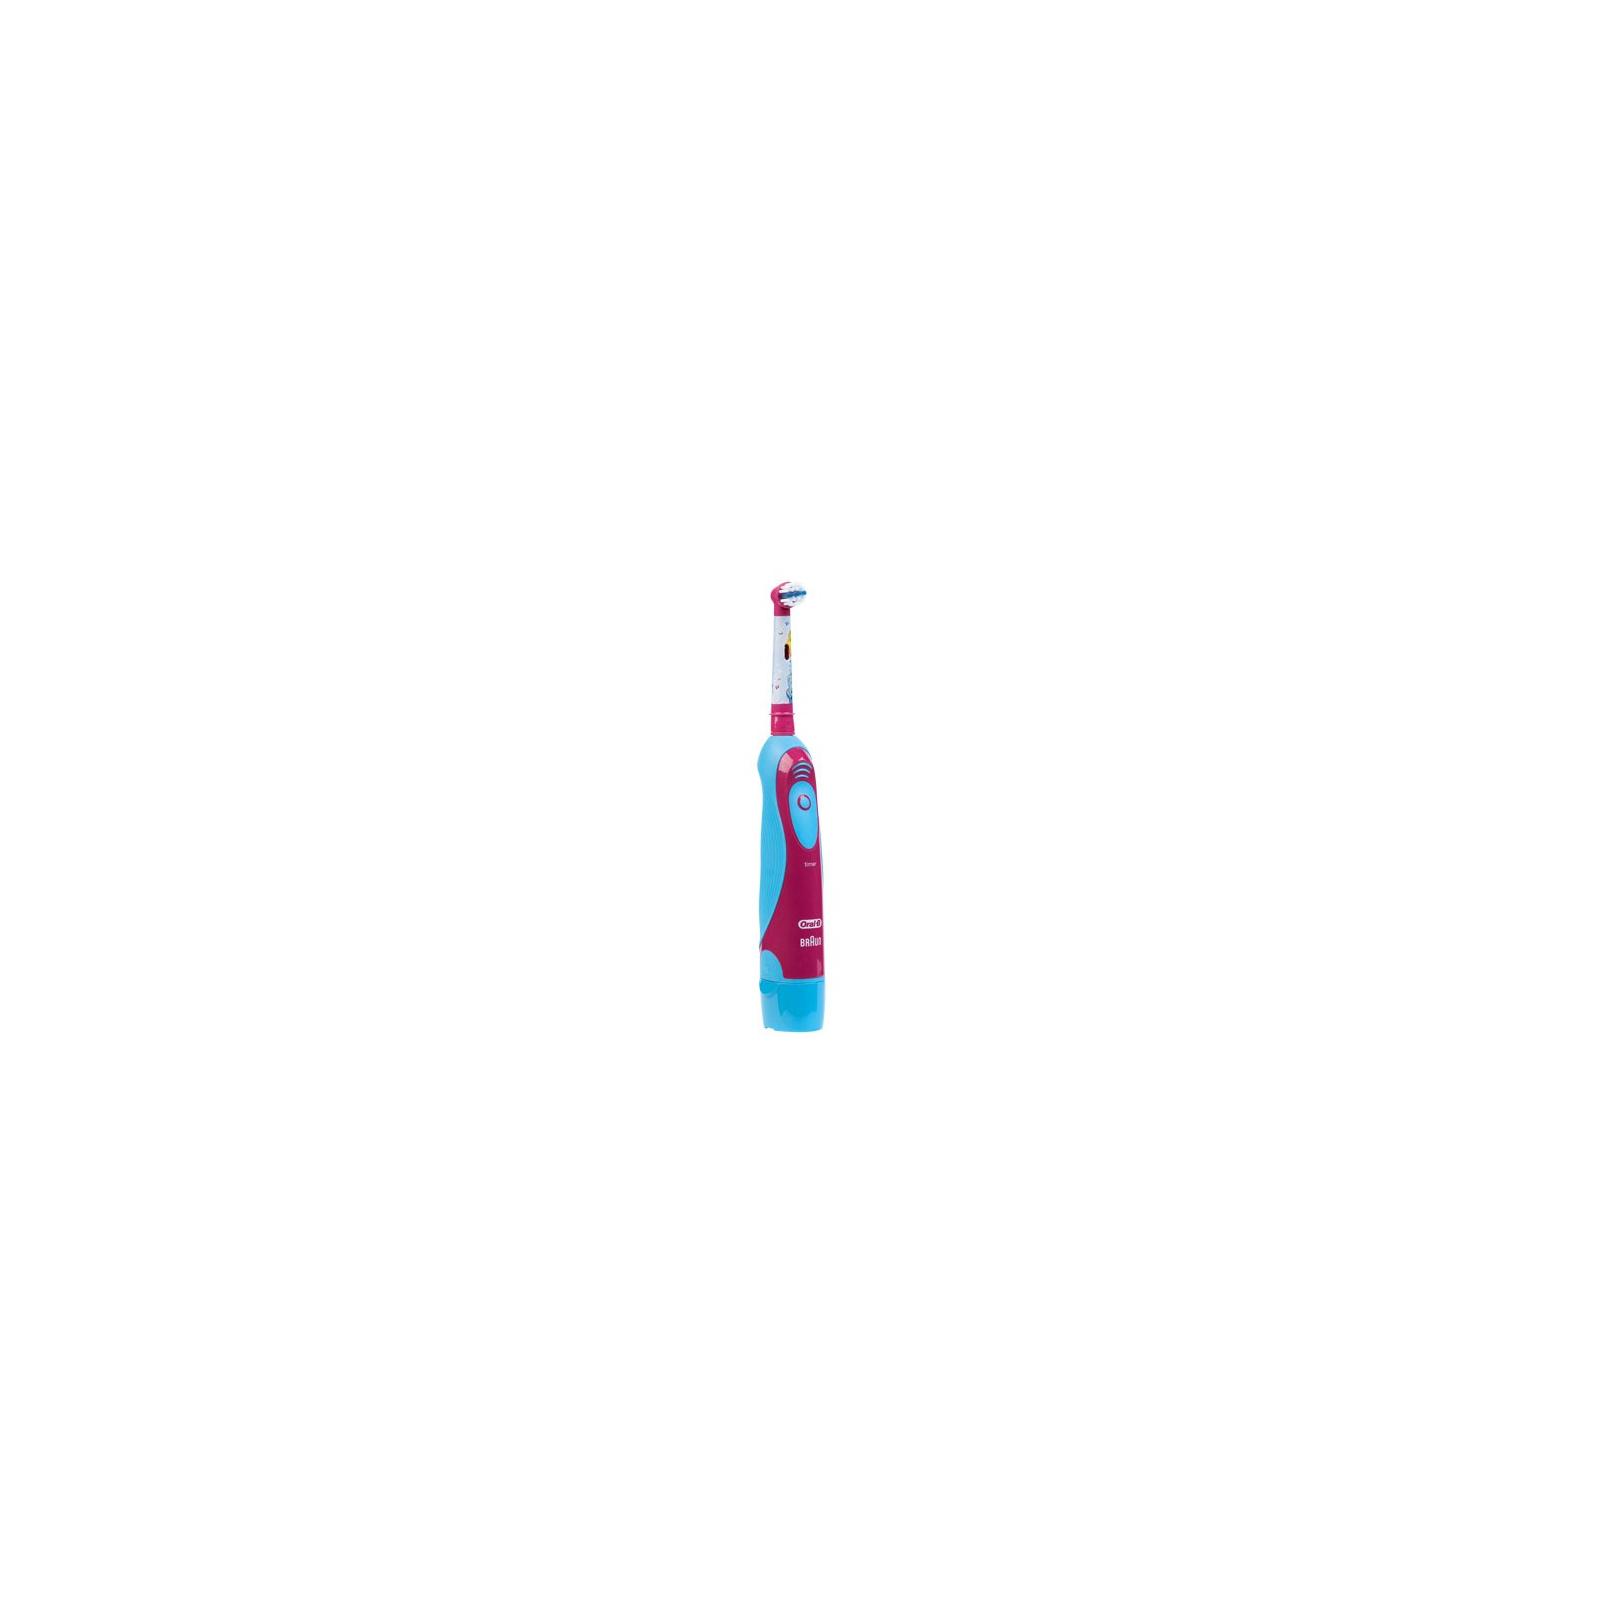 Электрическая зубная щетка BRAUN DB4 kids princes (81420783) изображение 2